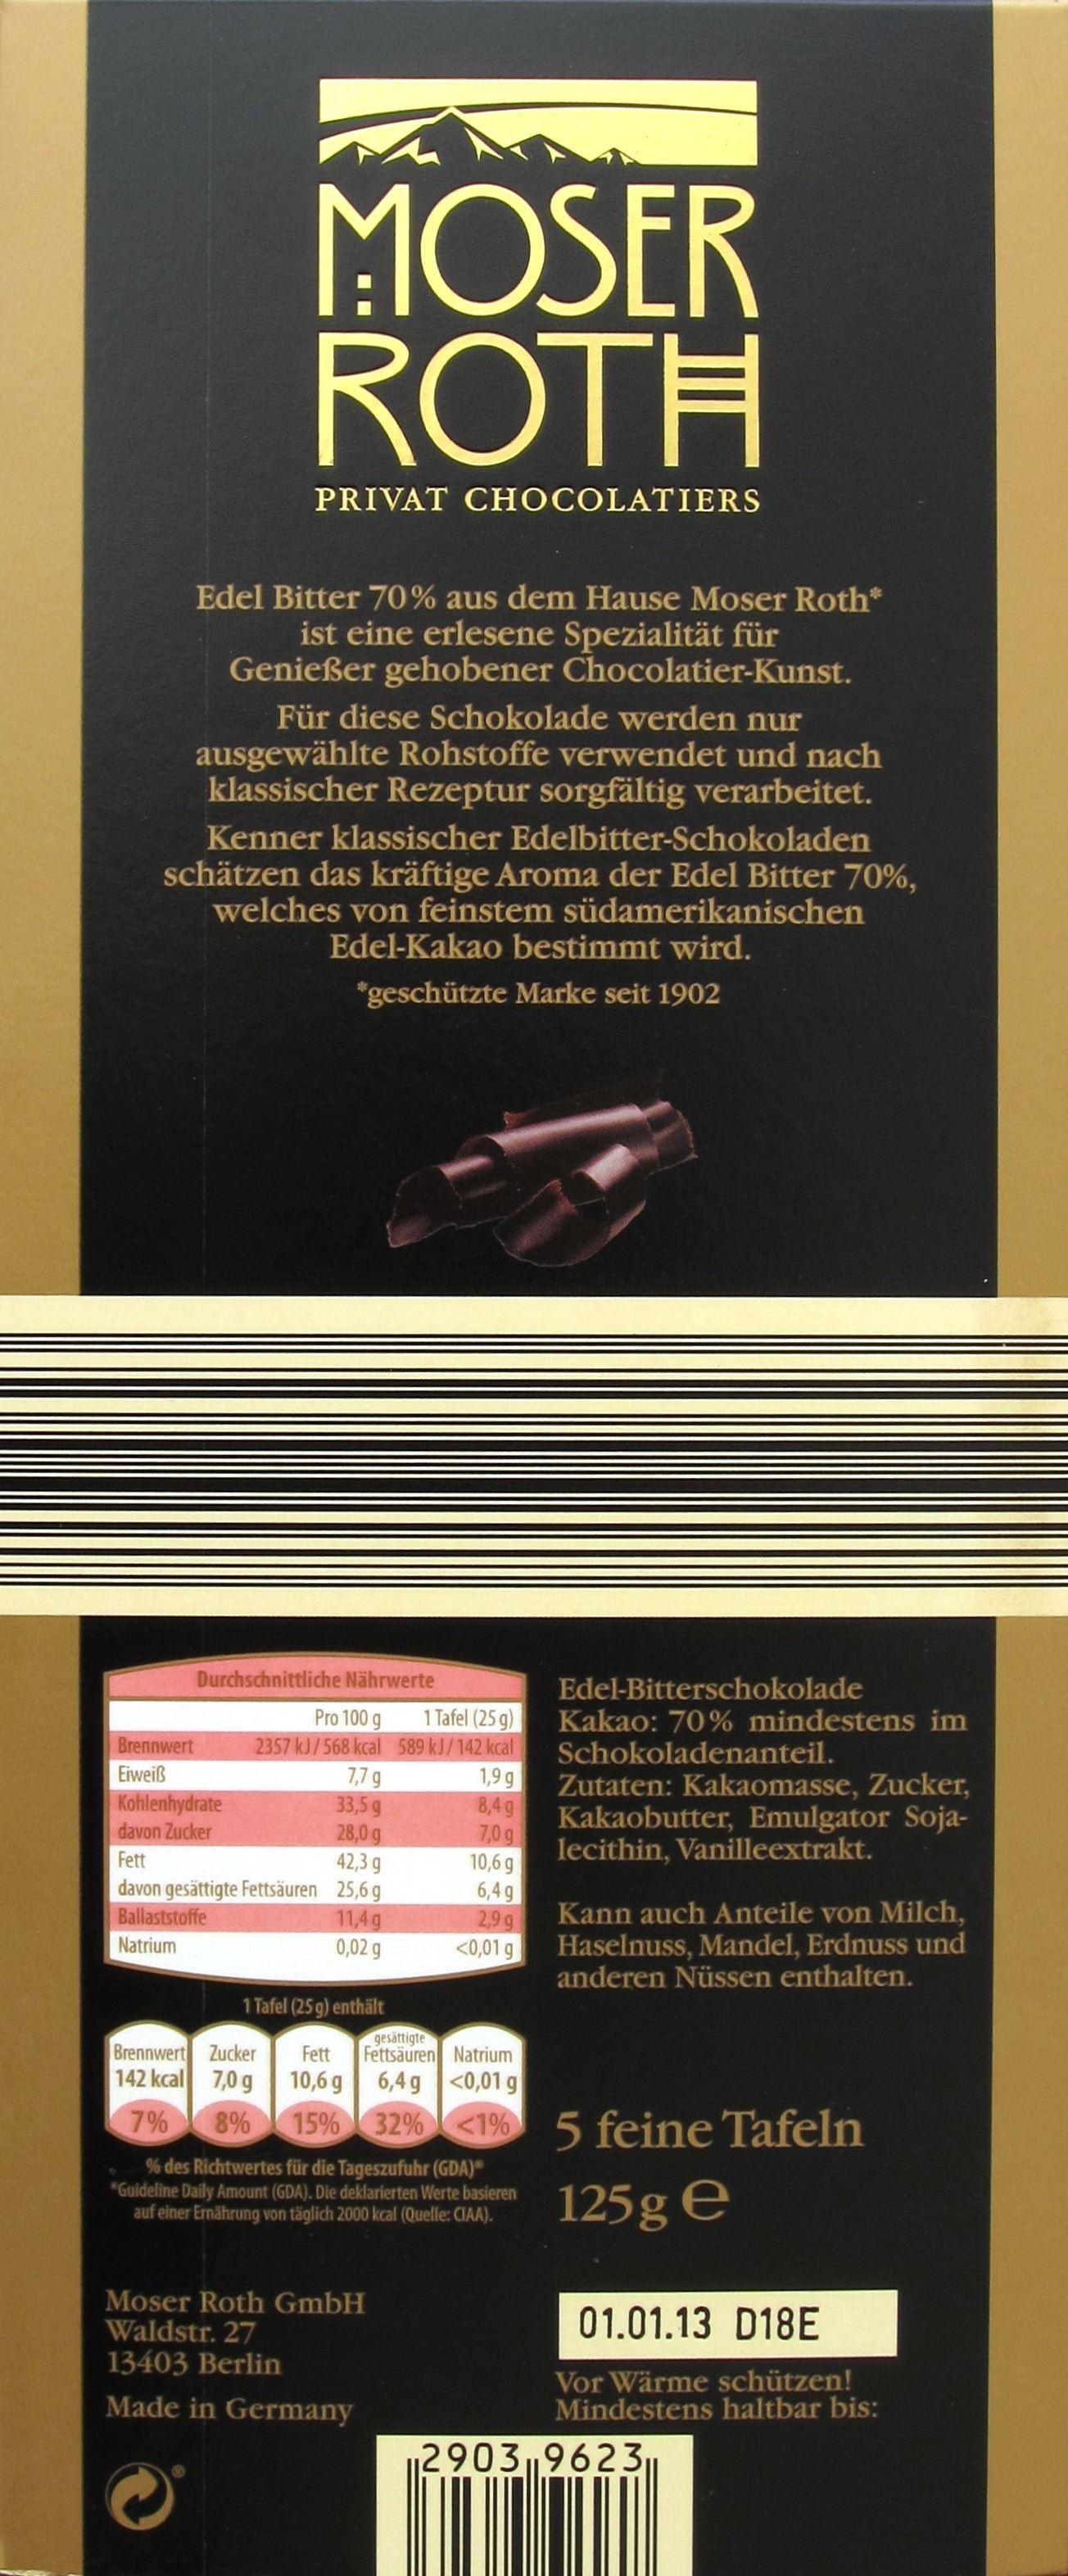 Dunkle Schokolade von Aldi: Moser Roth Edelbitter: Packungsrückseite